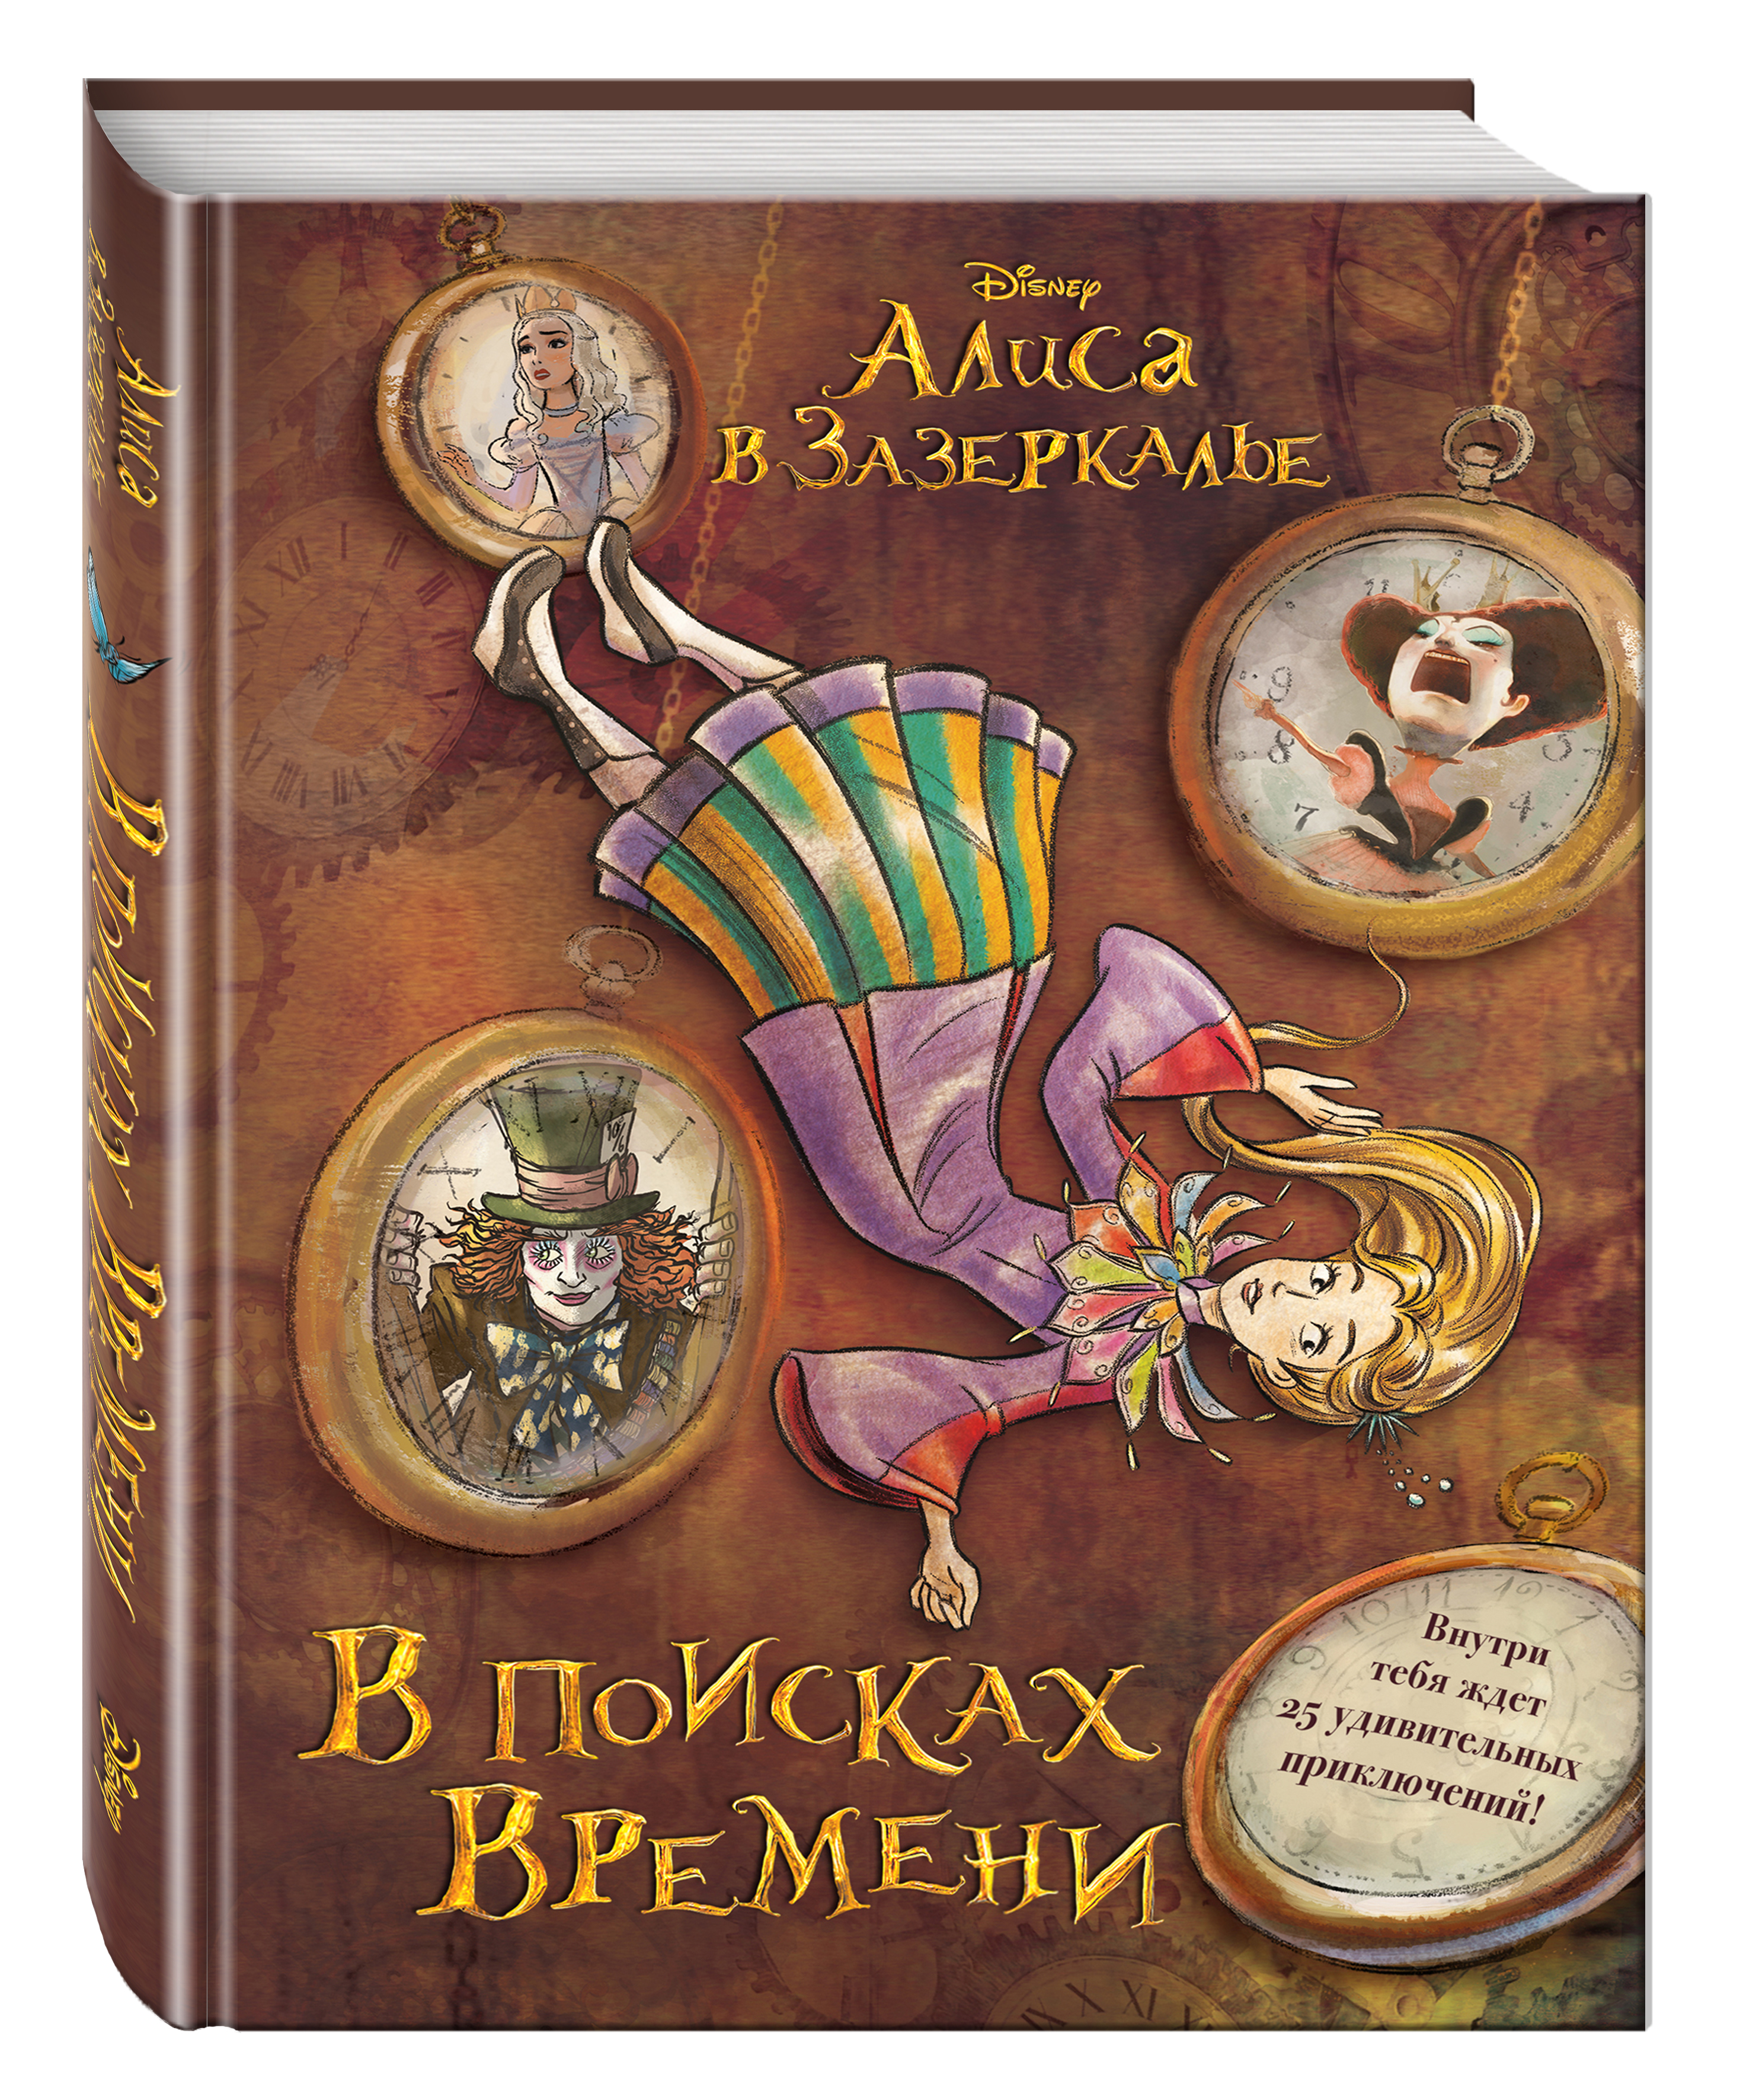 Алиса в Зазеркалье. В поисках Времени (цветн. блок текста)